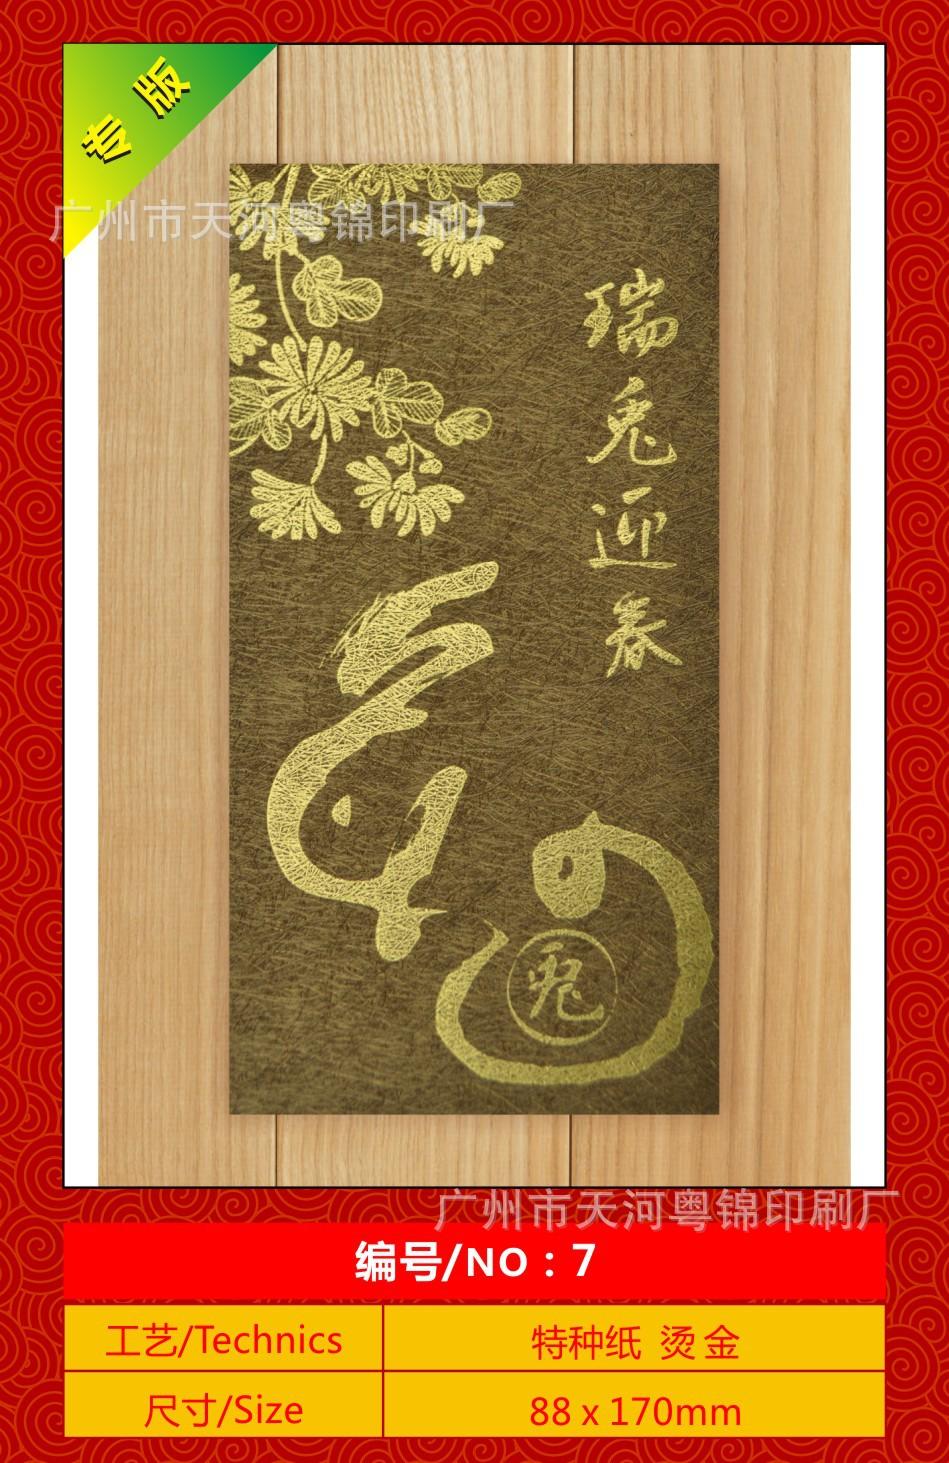 【大号】专版红包利是封样板图片NO:7